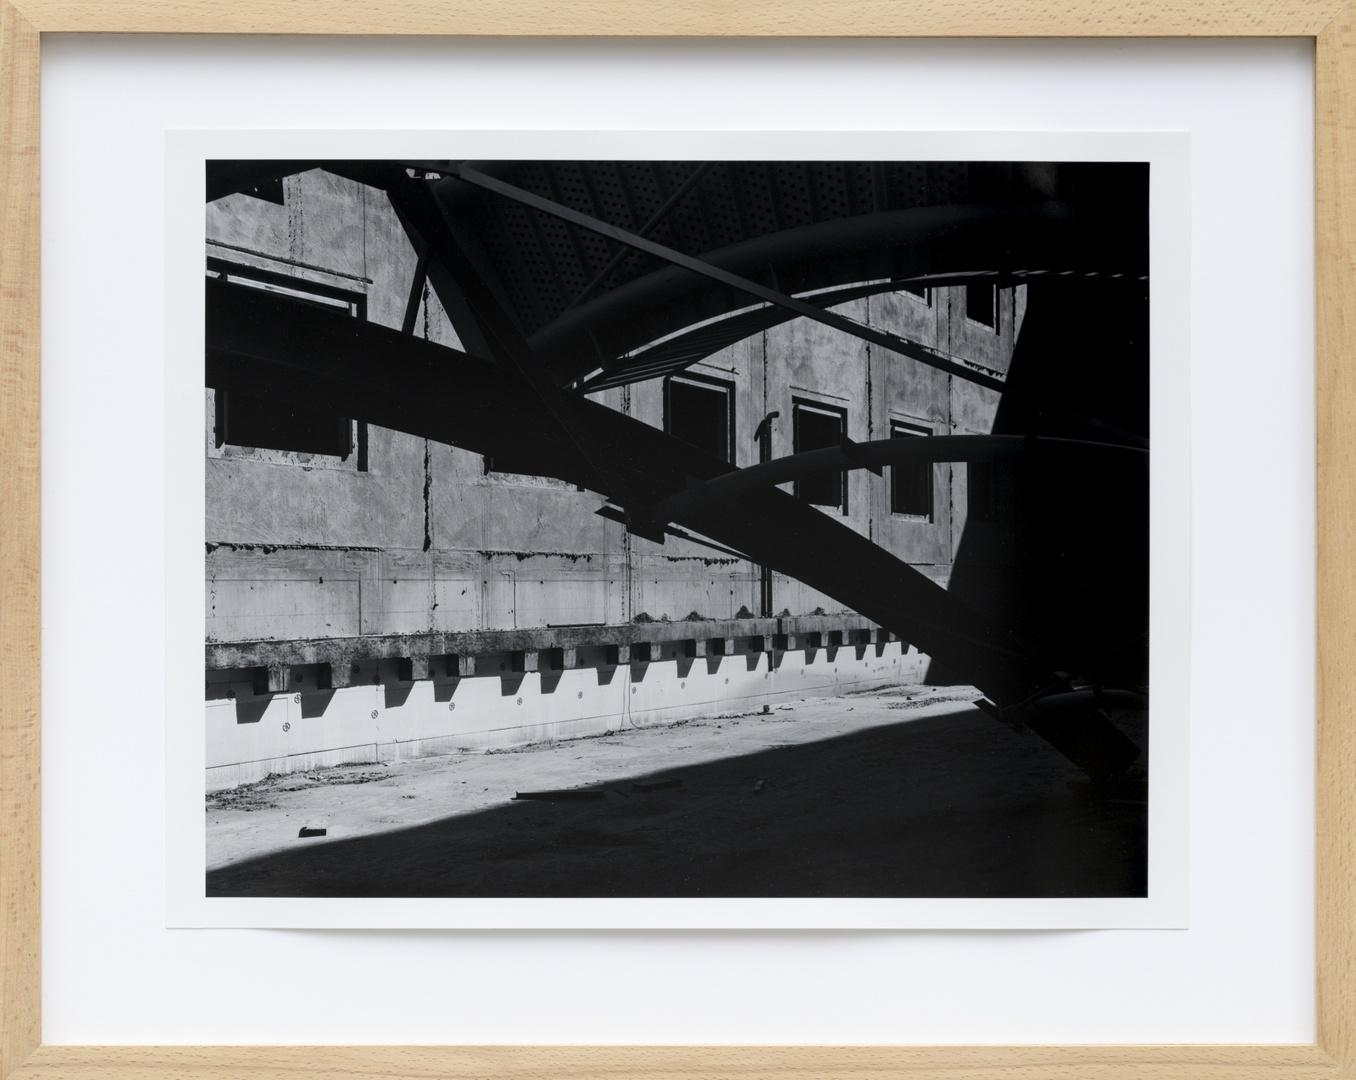 Bouw Bonnefantenmuseum 1992-1994 ; Onderdelen Belvedere